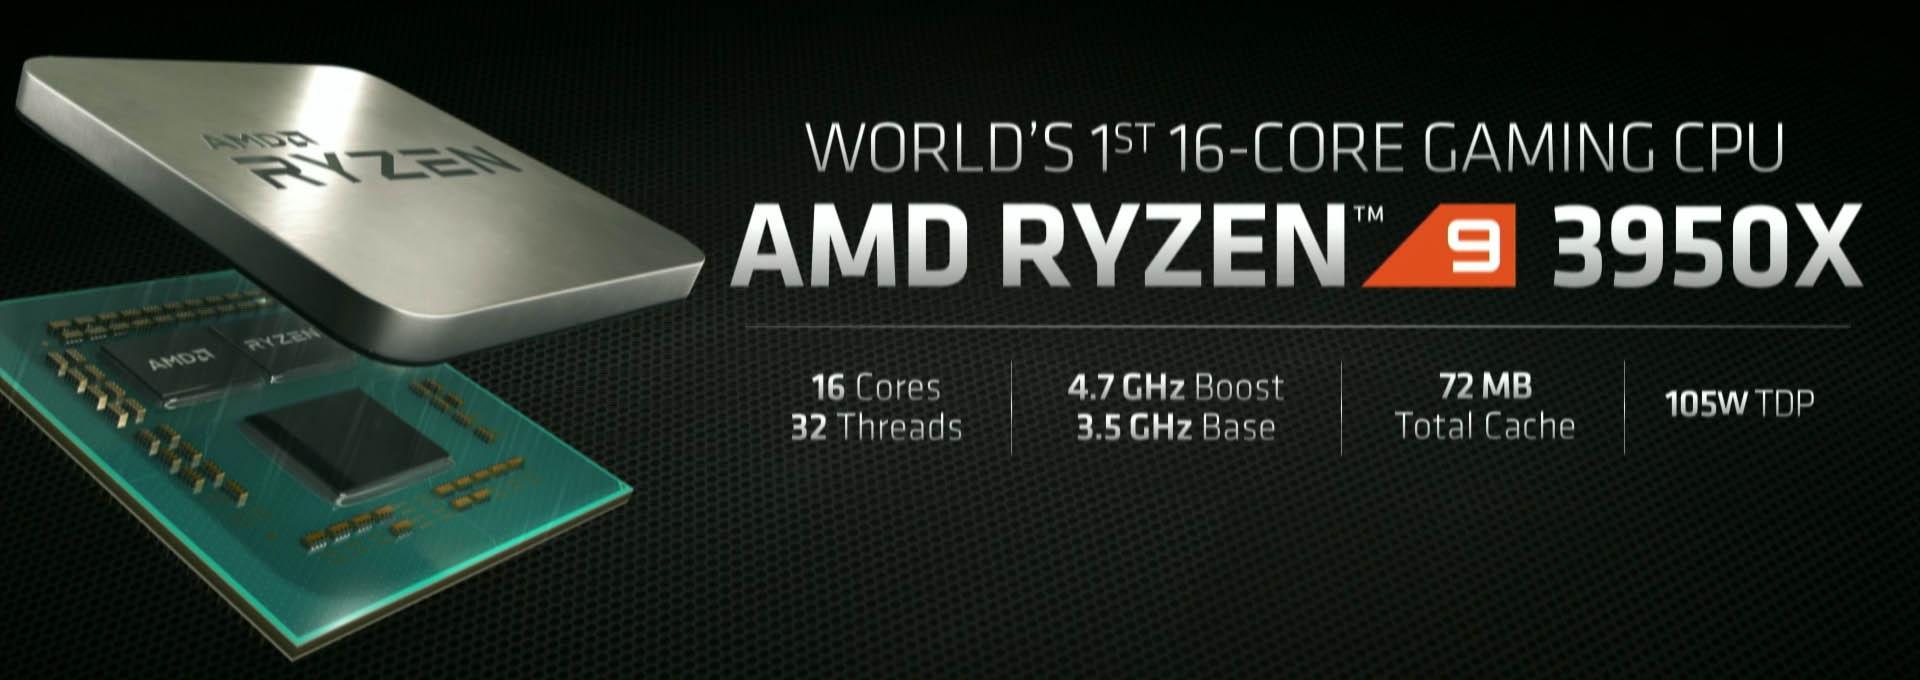 Ryzen 9 3950X - Especificaciones